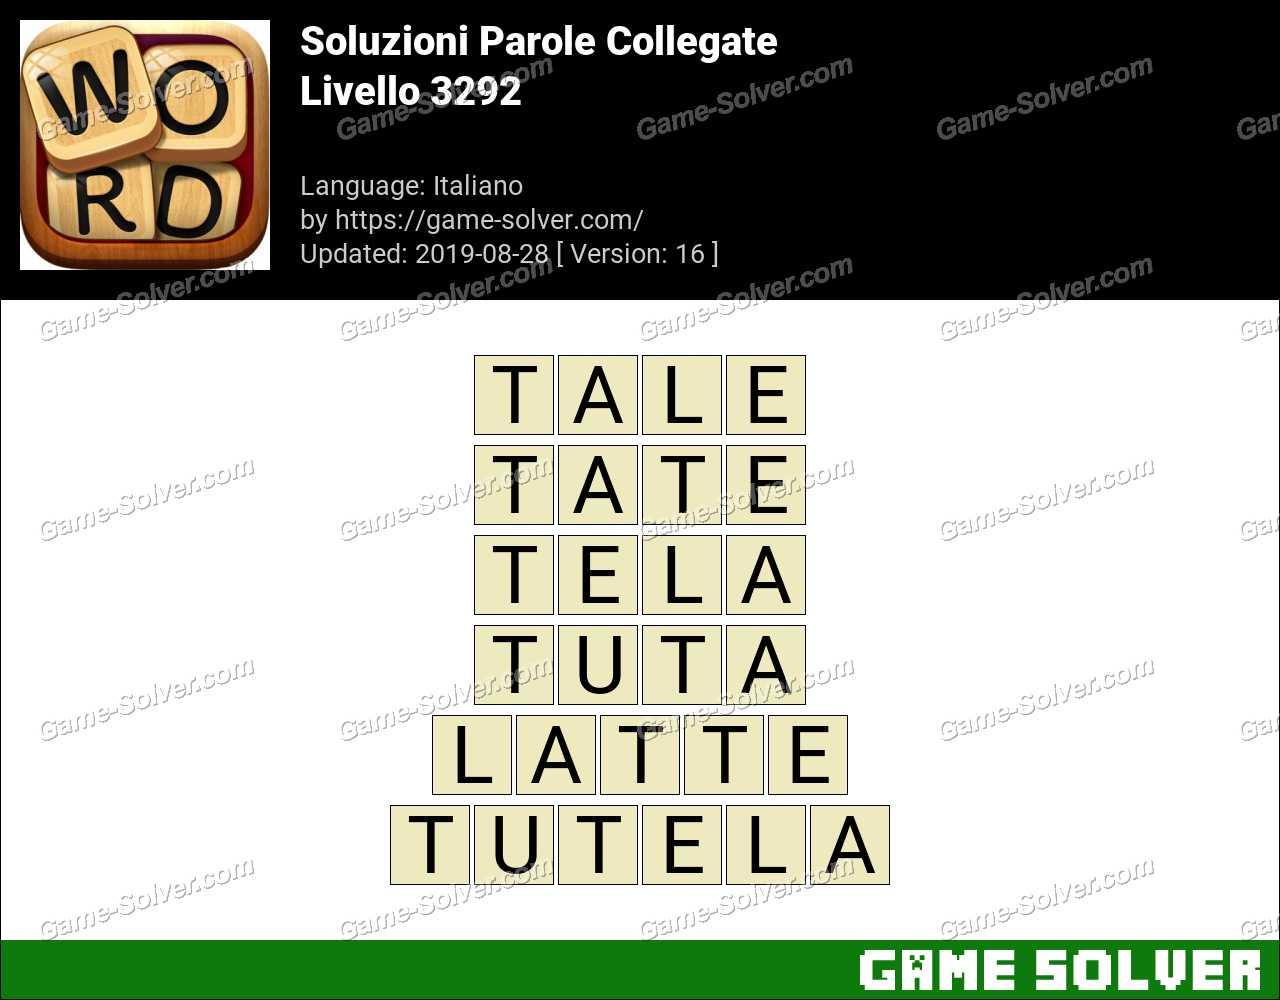 Soluzioni Parole Collegate Livello 3292